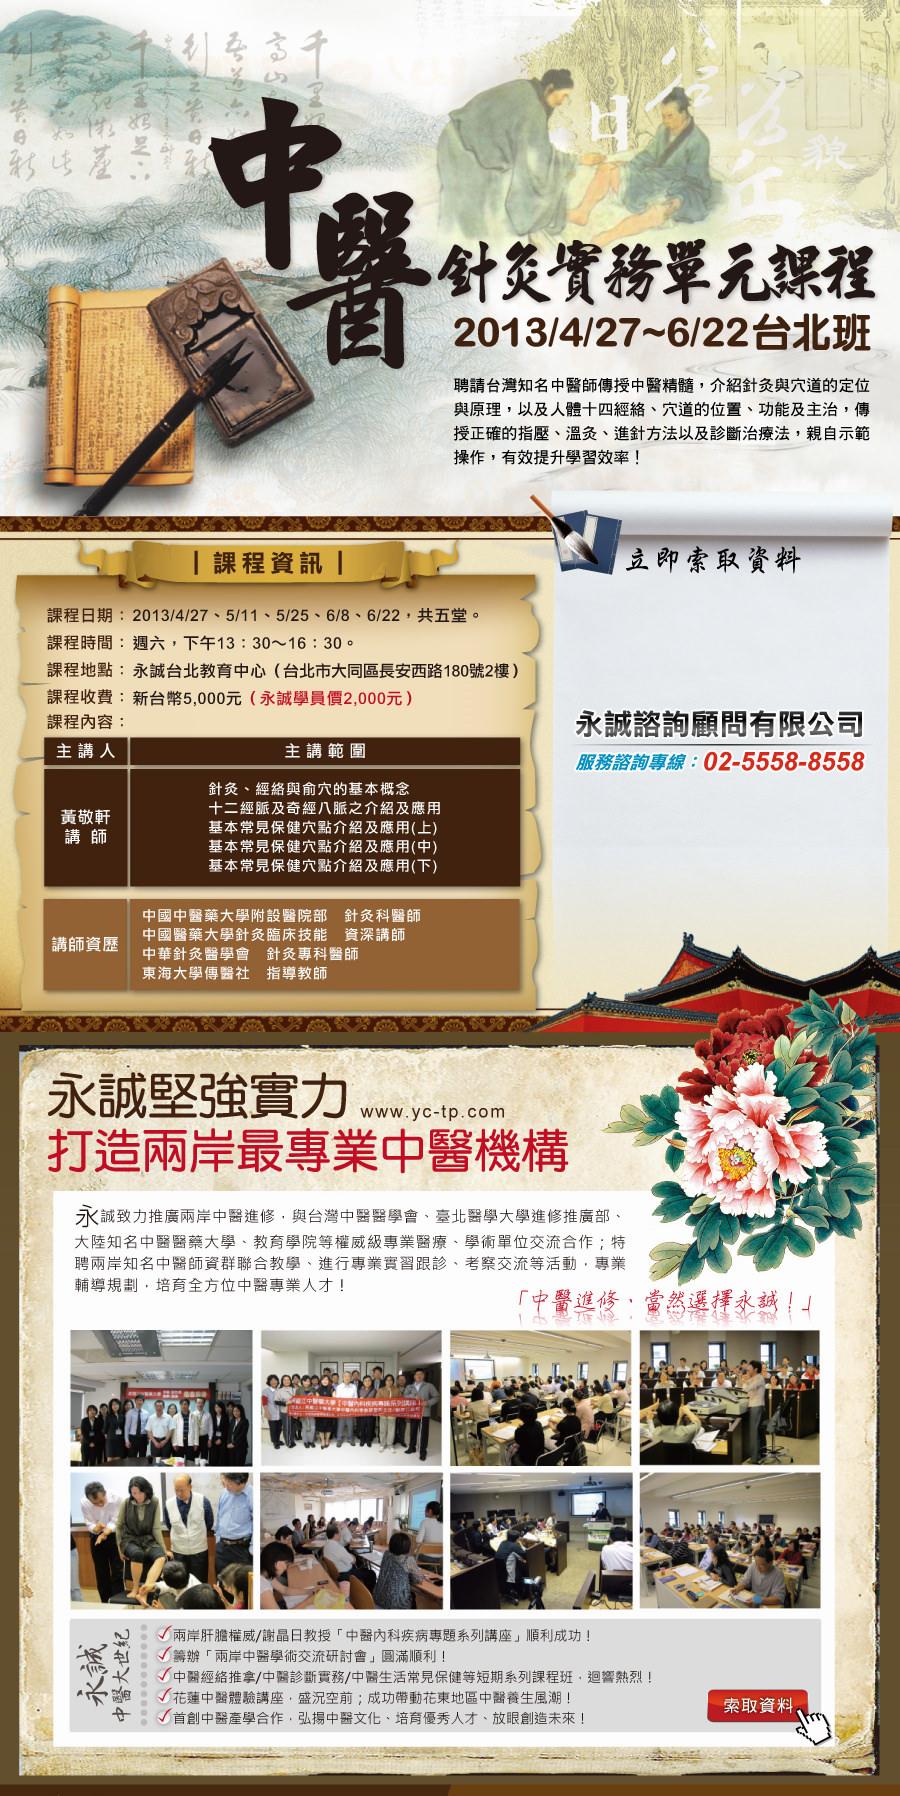 【永誠中醫進修】中醫針灸實務單元課程(台北班)